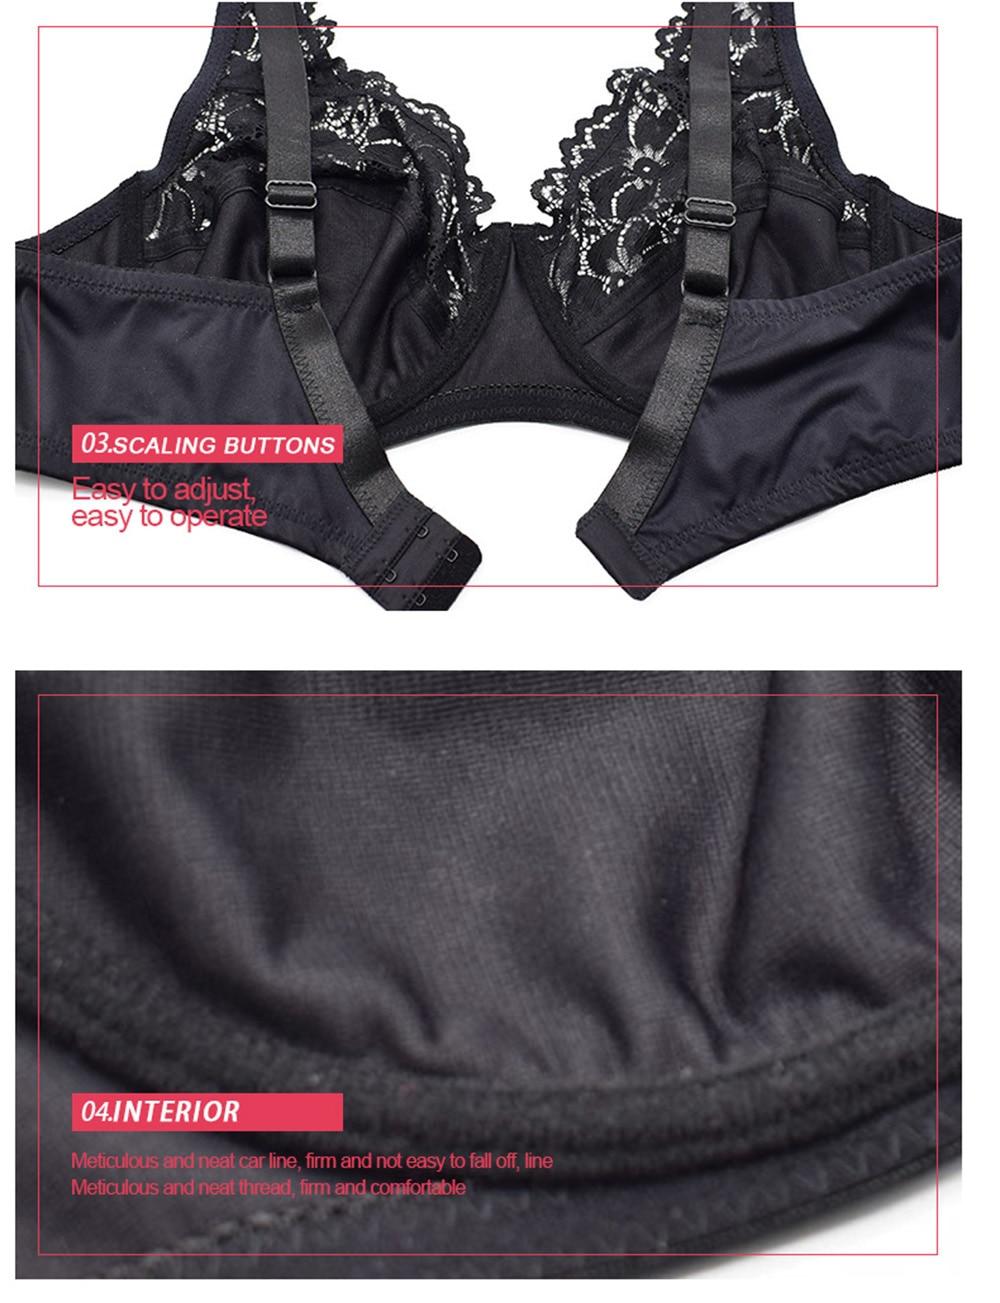 Женский кружевной бюстгальтер без подкладки с цветочным рисунком, прозрачный перспективный бюстгальтер, сексуальное женское белье на косточках, поддерживающий бюстгальтер, нижнее белье больших размеров